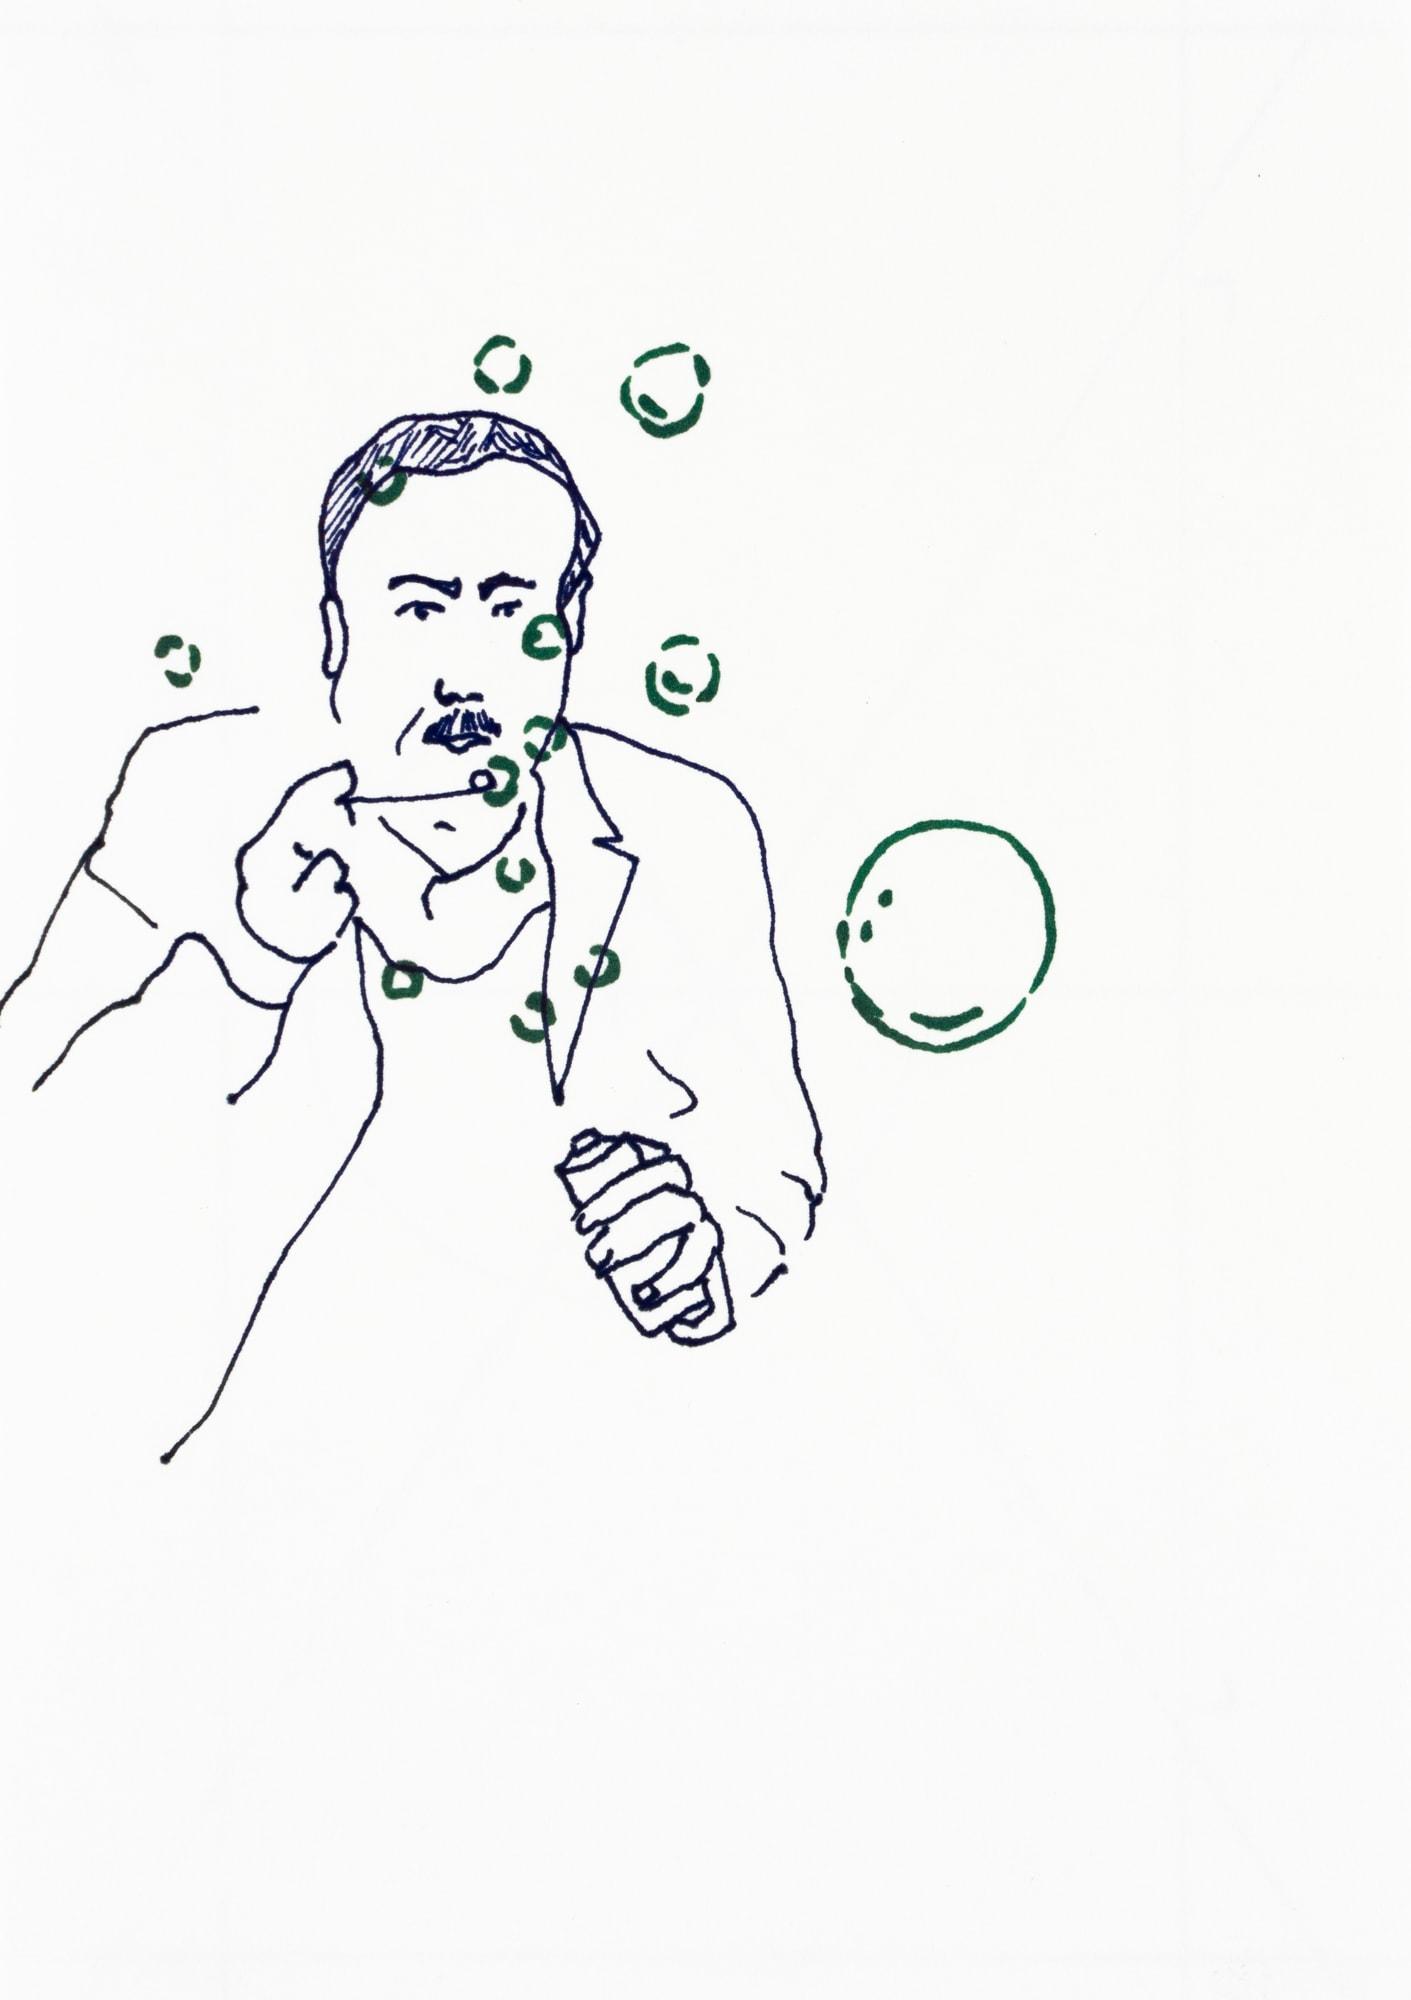 Malerei, Marker auf Papier, 14,8cm x 21cm, Mann mit Seifenblasen, artist: Franziska King